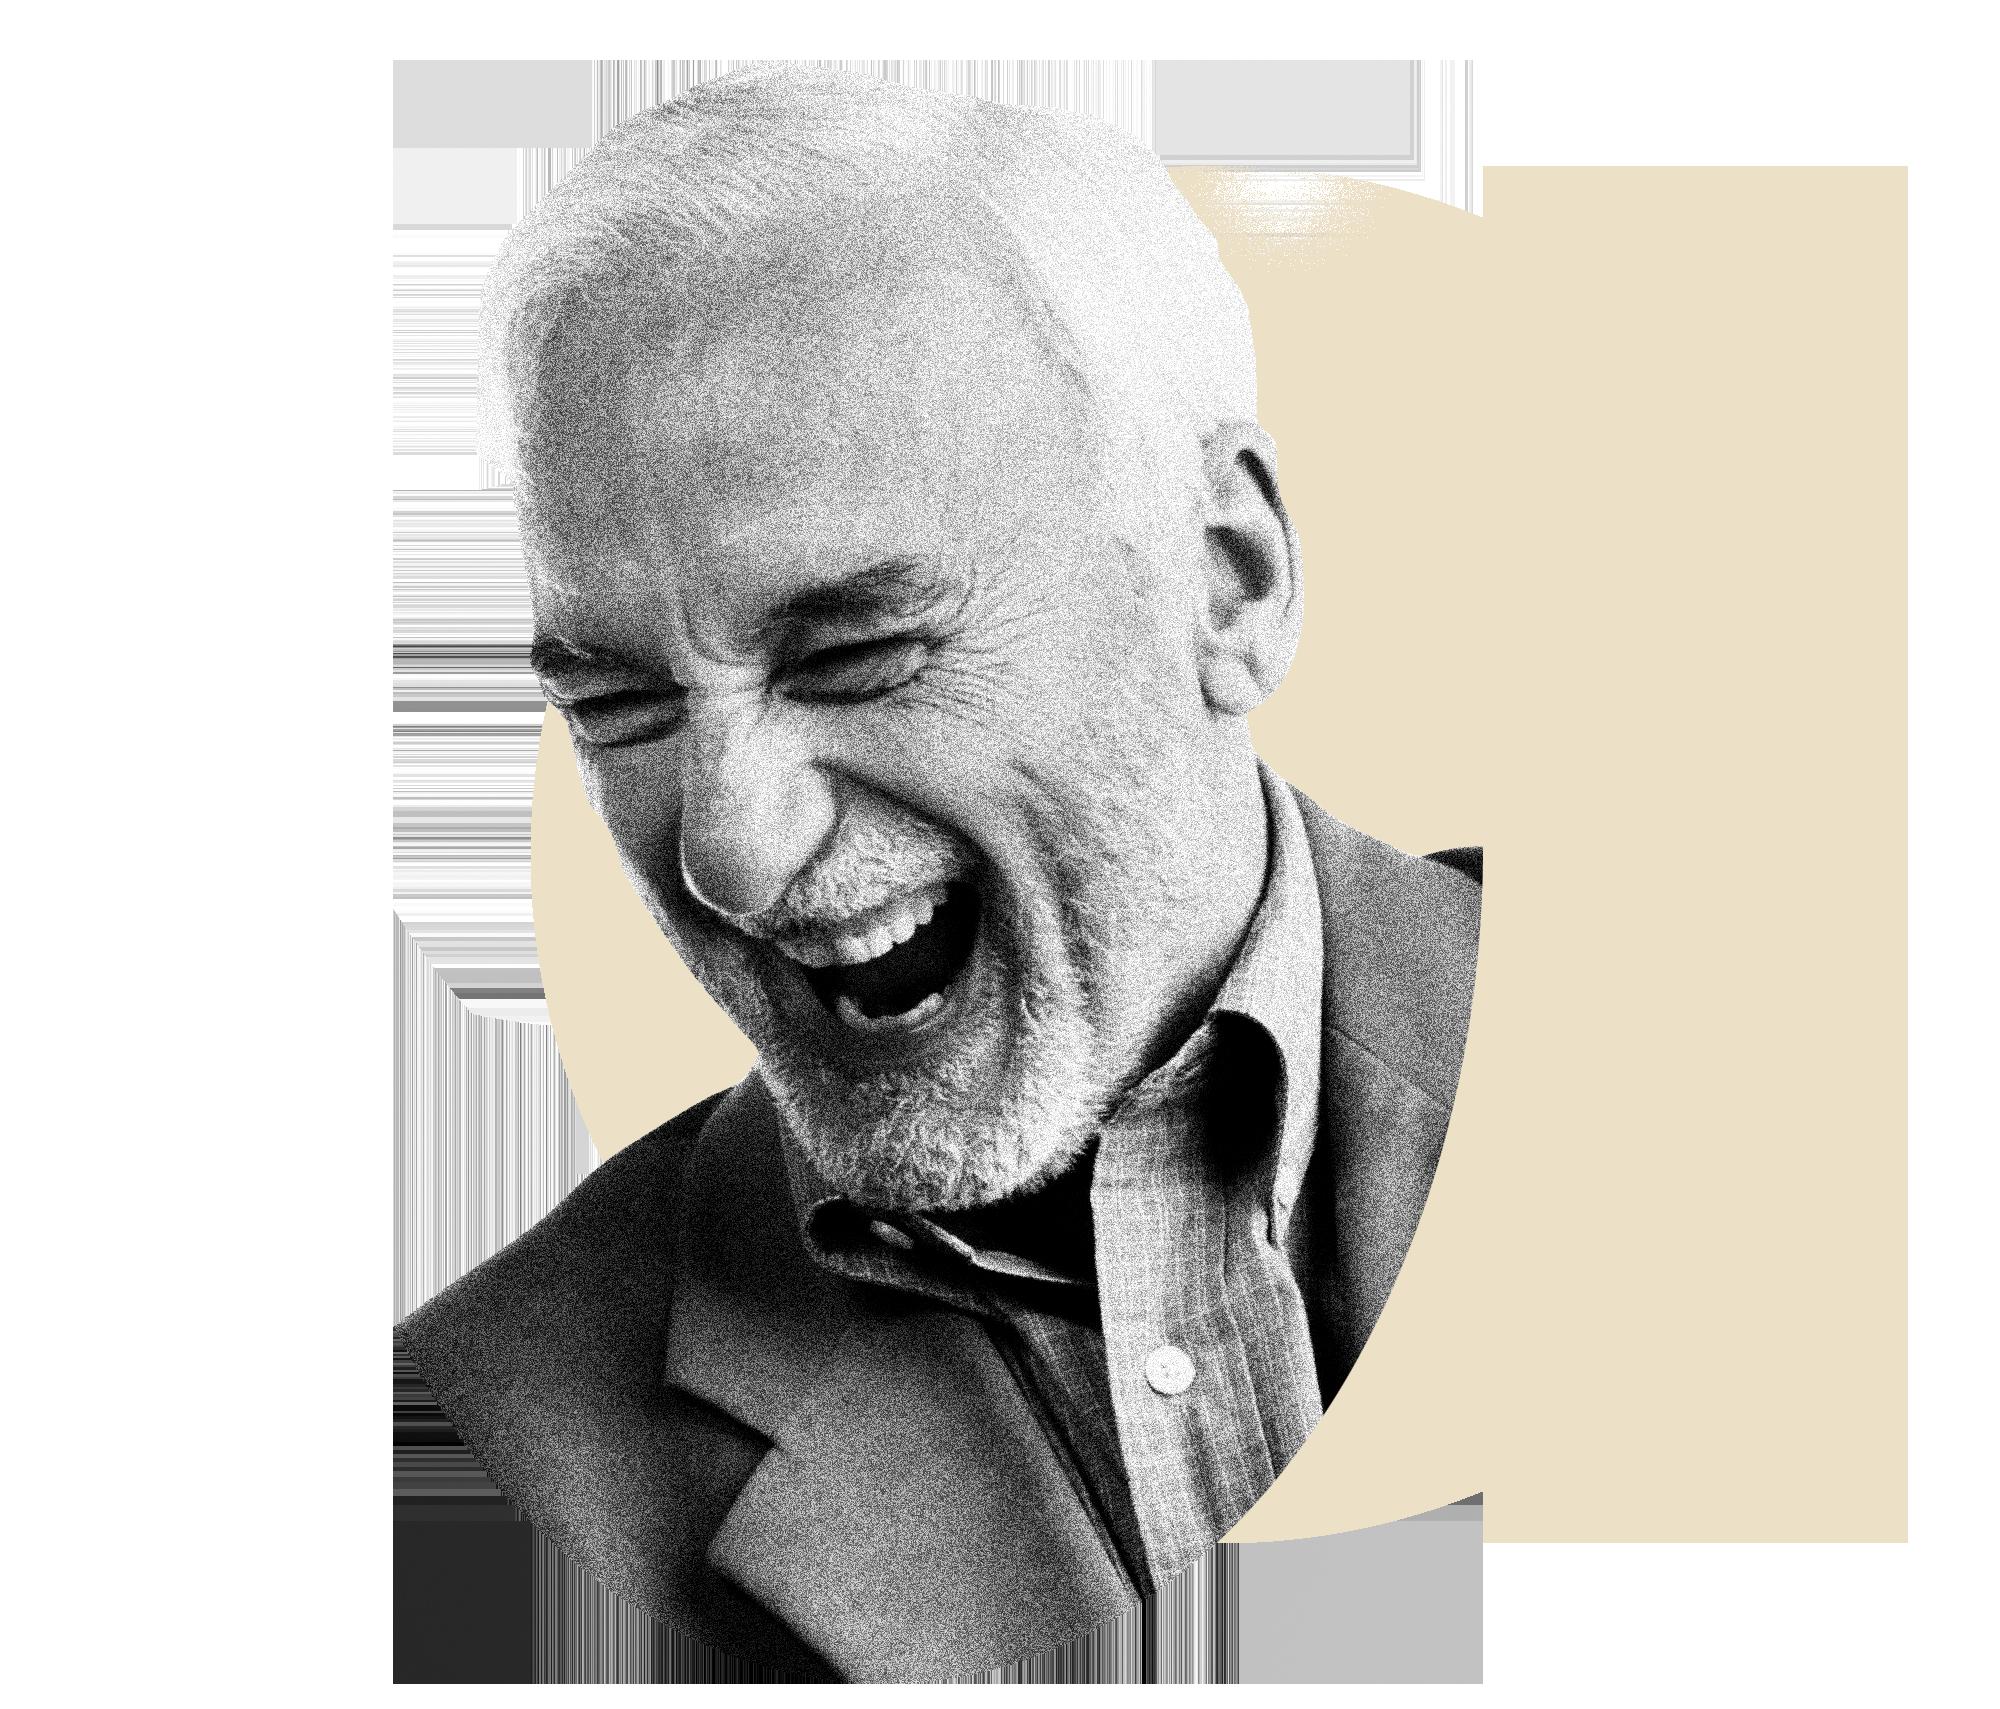 Yvon Deschamps - Ce célèbre humoriste, qui vient d'avoir 84 ans, s'illustre par son engagement social. Sa fondation soutient les programmes gratuits que l'ASCCS offre aux enfants du quartier Centre-Sud.